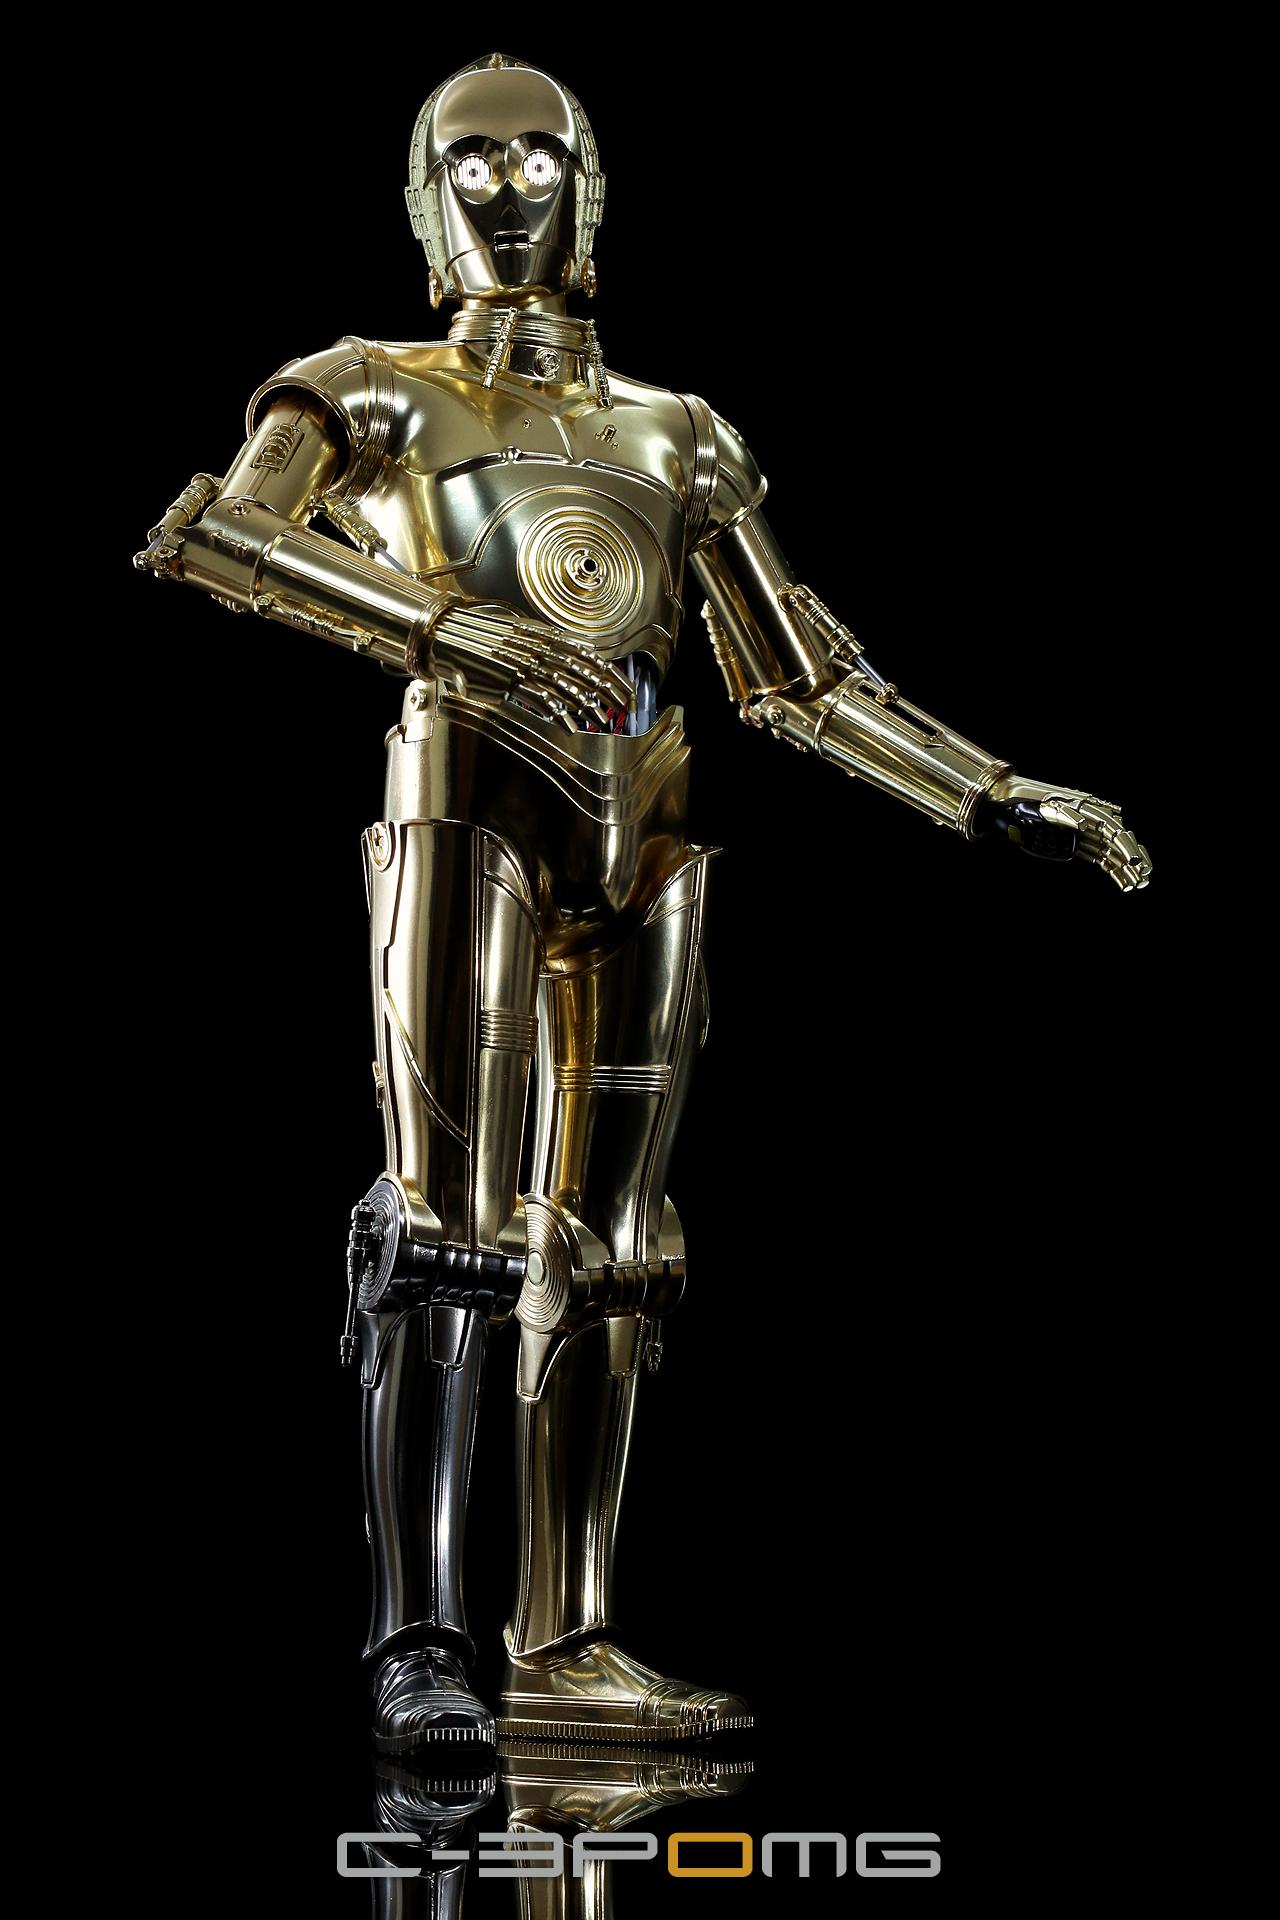 [Bandai] Star Wars: C-3PO - Perfect Model 1/6 scale - LANÇADO!!! - Página 2 C-3PO1024_zps29a3bd96